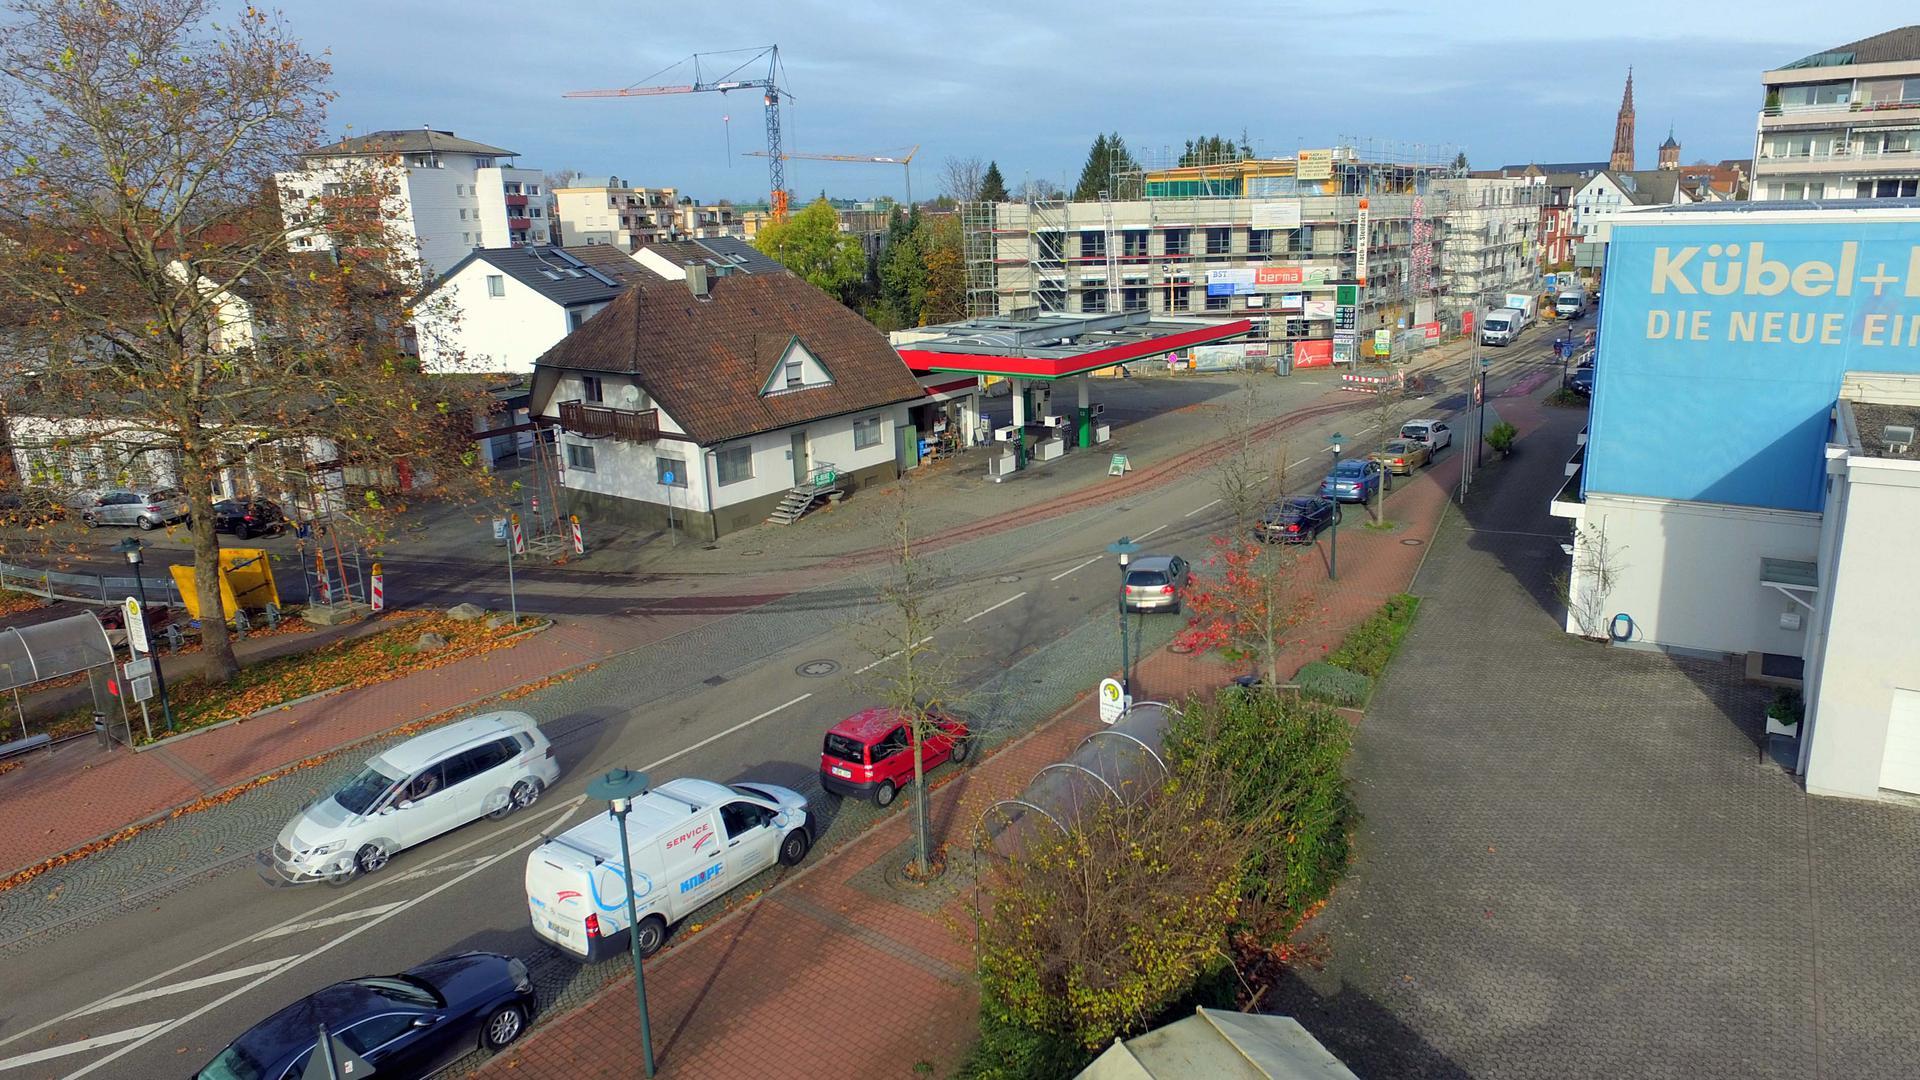 Parkplätze gefragt: Wegen der Vollsperrung der Hauptstraße parken Besucher der nahe liegenden Arztpraxen und Geschäfte nicht nur bei der Bushaltestelle.